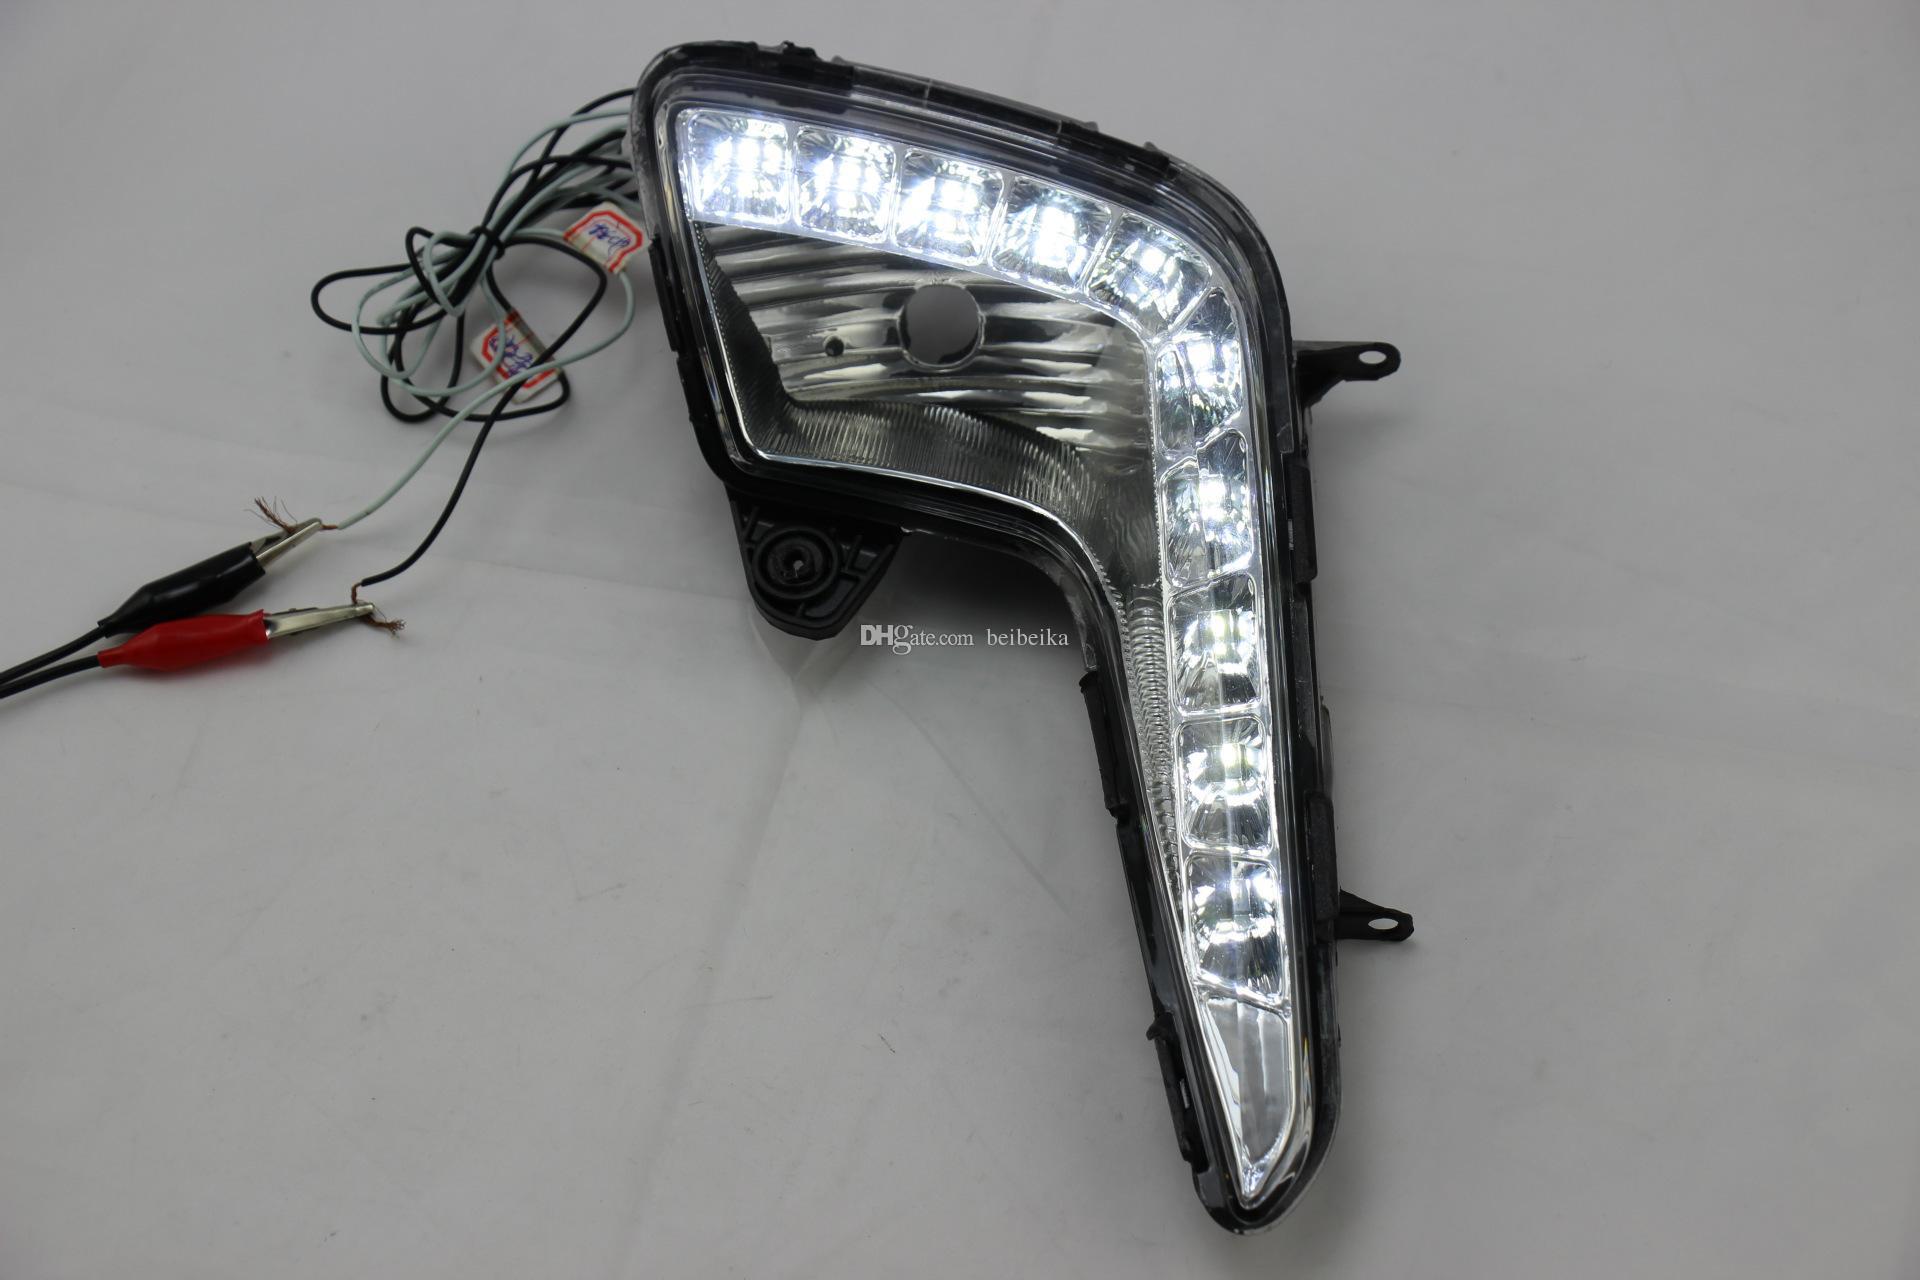 Auto-Tech 10-LED luz de circulação diurna, montagem da luz de nevoeiro Retrofit carro LED branco kit DRL para 2011-2013 KIA K2 RIO